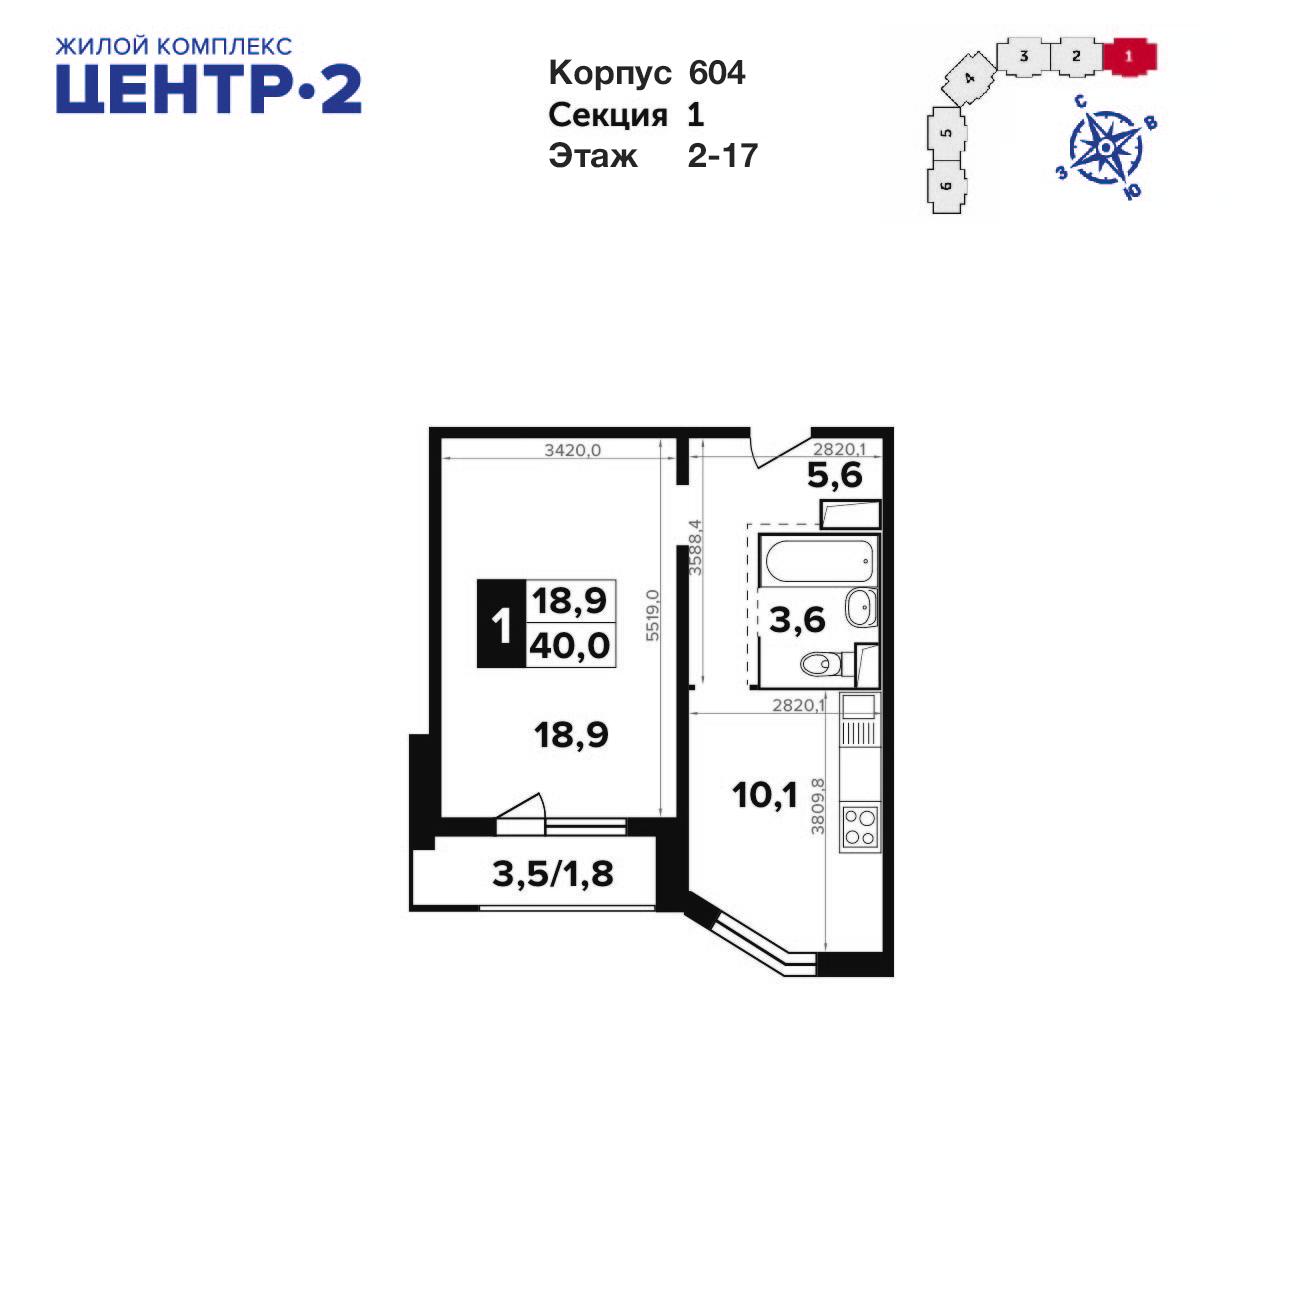 1-комнатная квартира, 40м² за 4,1 млн руб.